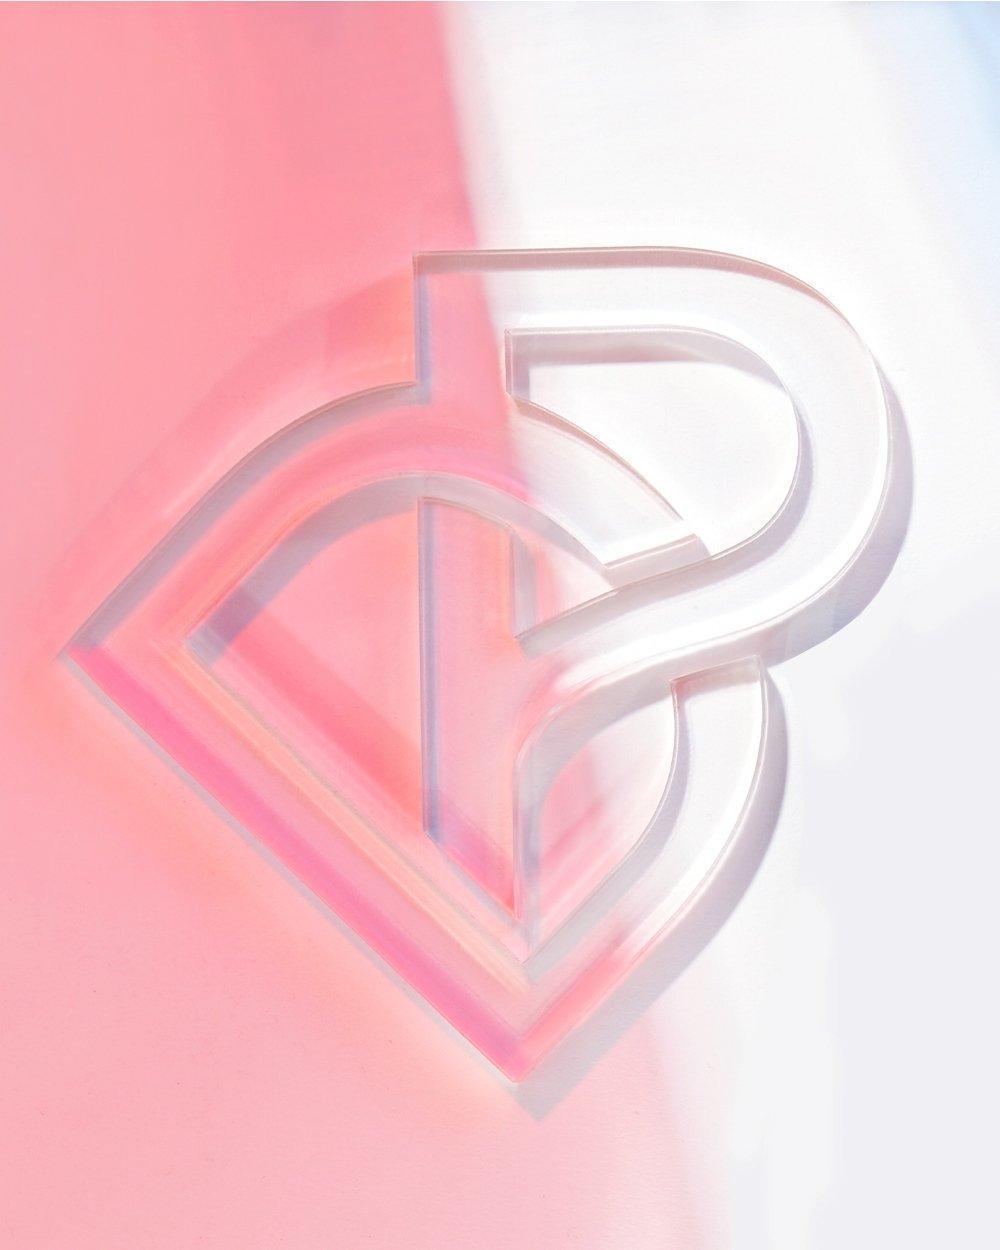 Perfect Diary là thương hiệu mỹ phẩm nội địa Trung dành được nhiều sự ưu ái từ thế hệ Gen Z (Nguồn: Internet).